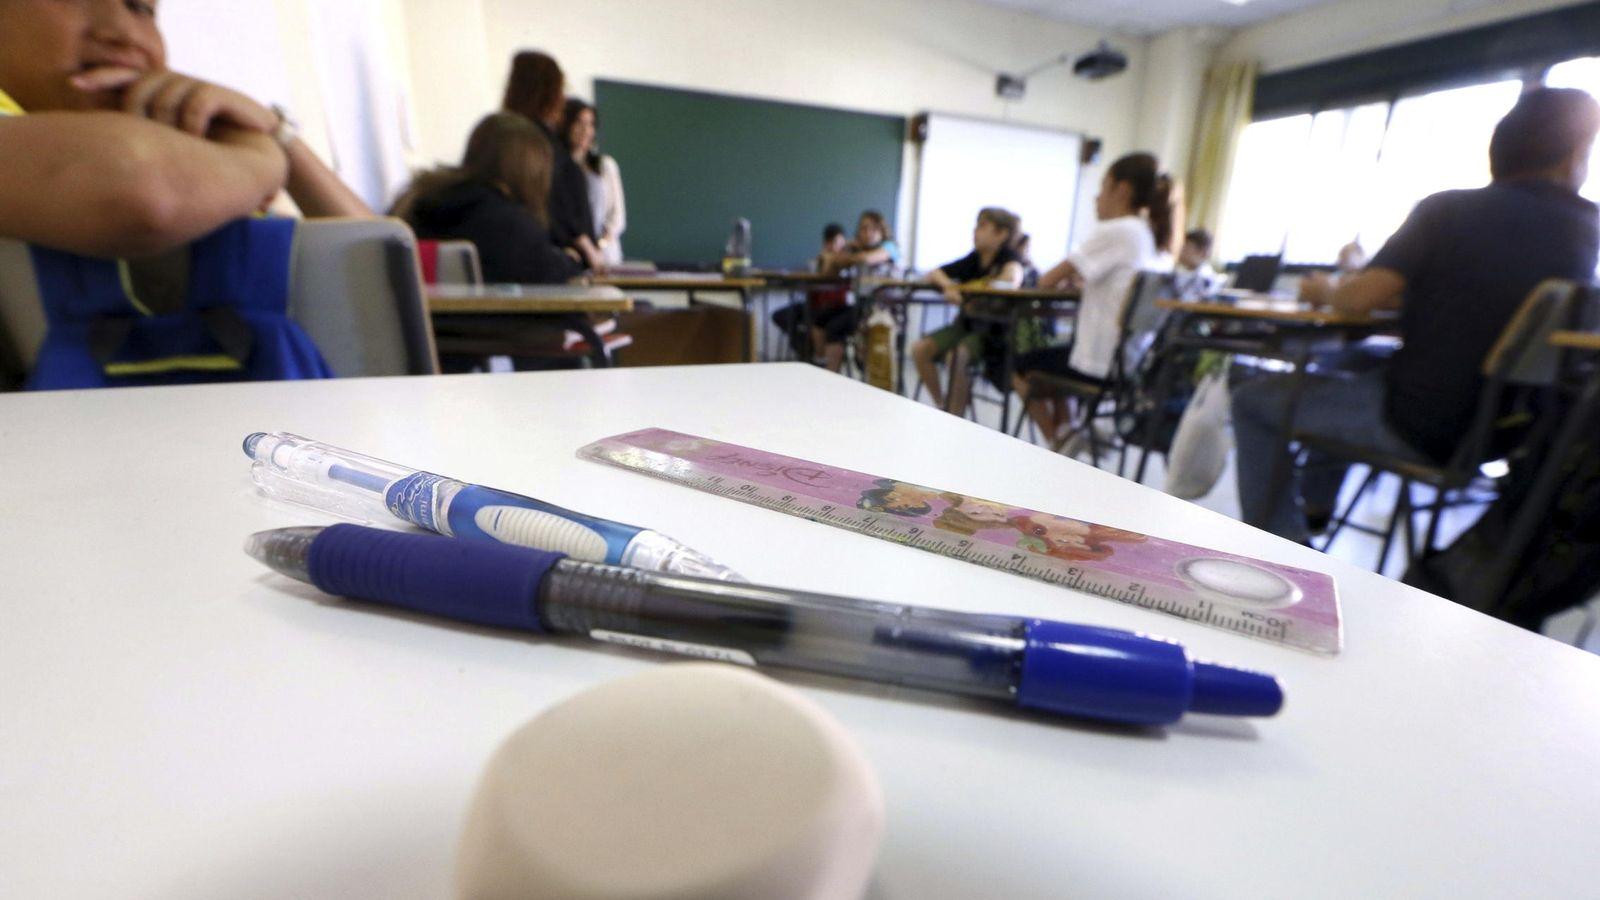 Foto: Alumnos del colegio Adolfo Suárez de Madrid. (Efe/Fernando Alvarado)